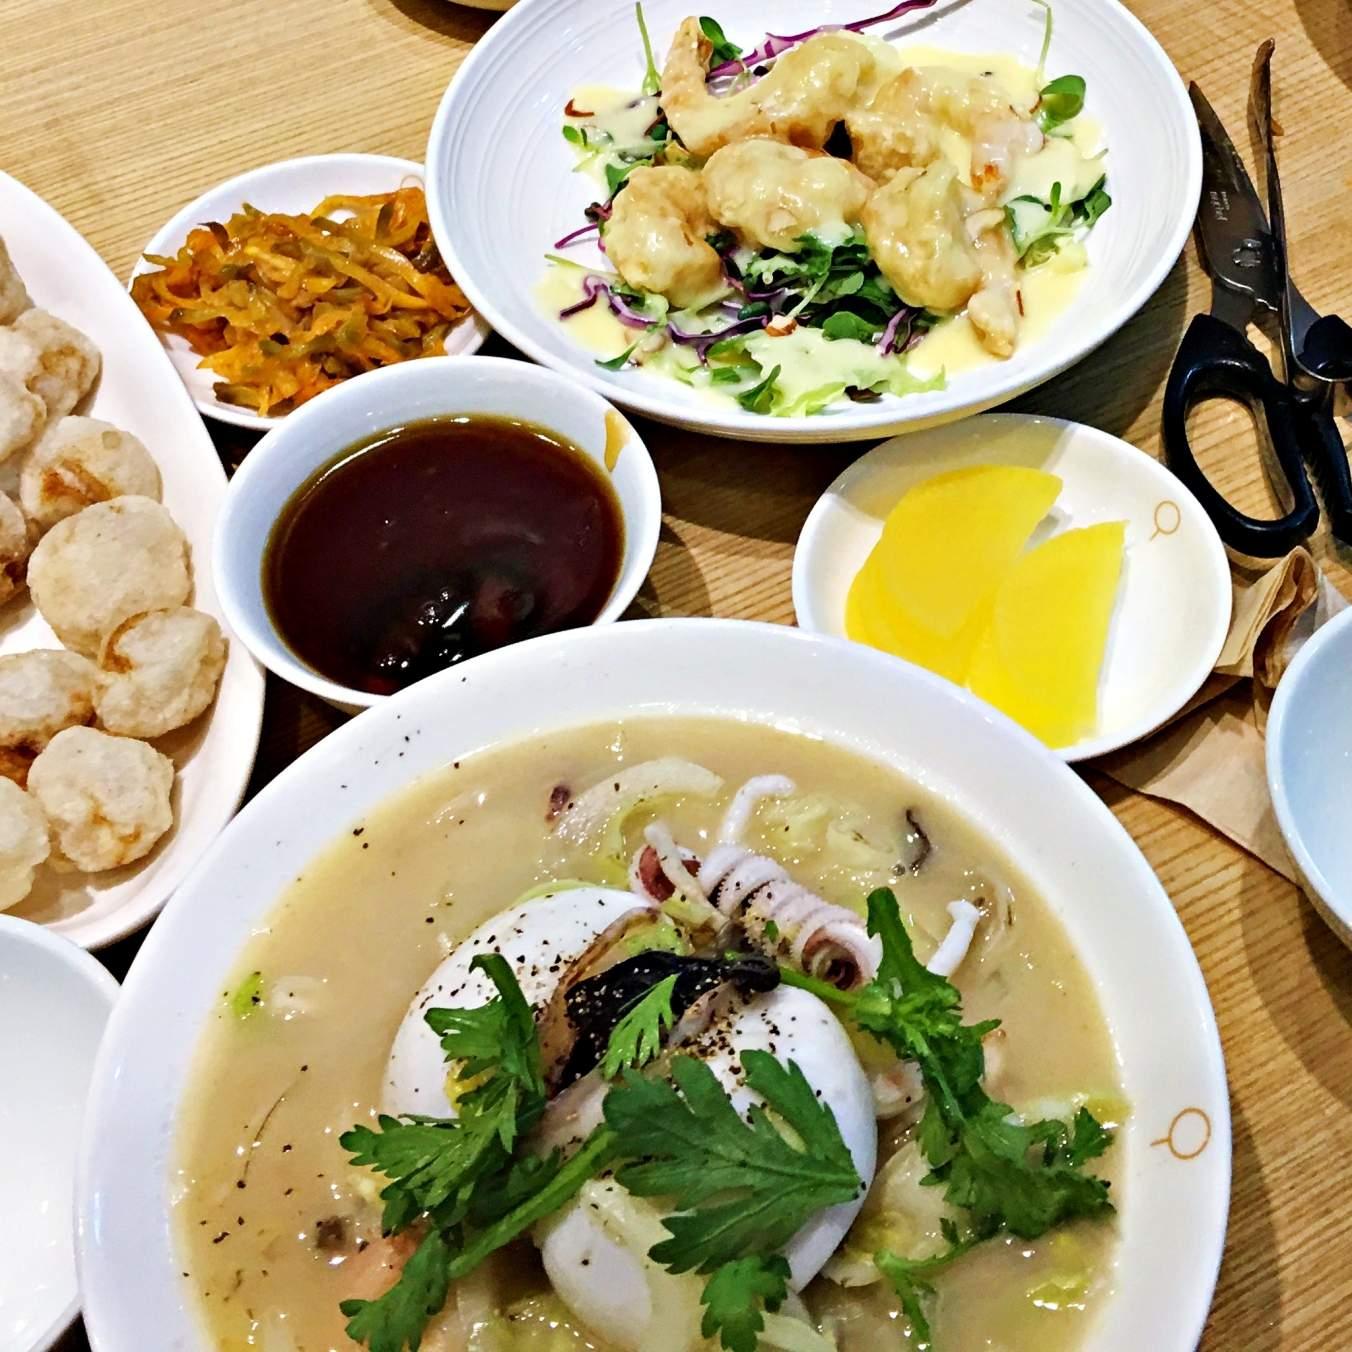 這碗是白海鮮湯麵(或稱白海鮮炒碼麵),他們家的白海鮮湯麵不會辣,裡面的海鮮很新鮮。